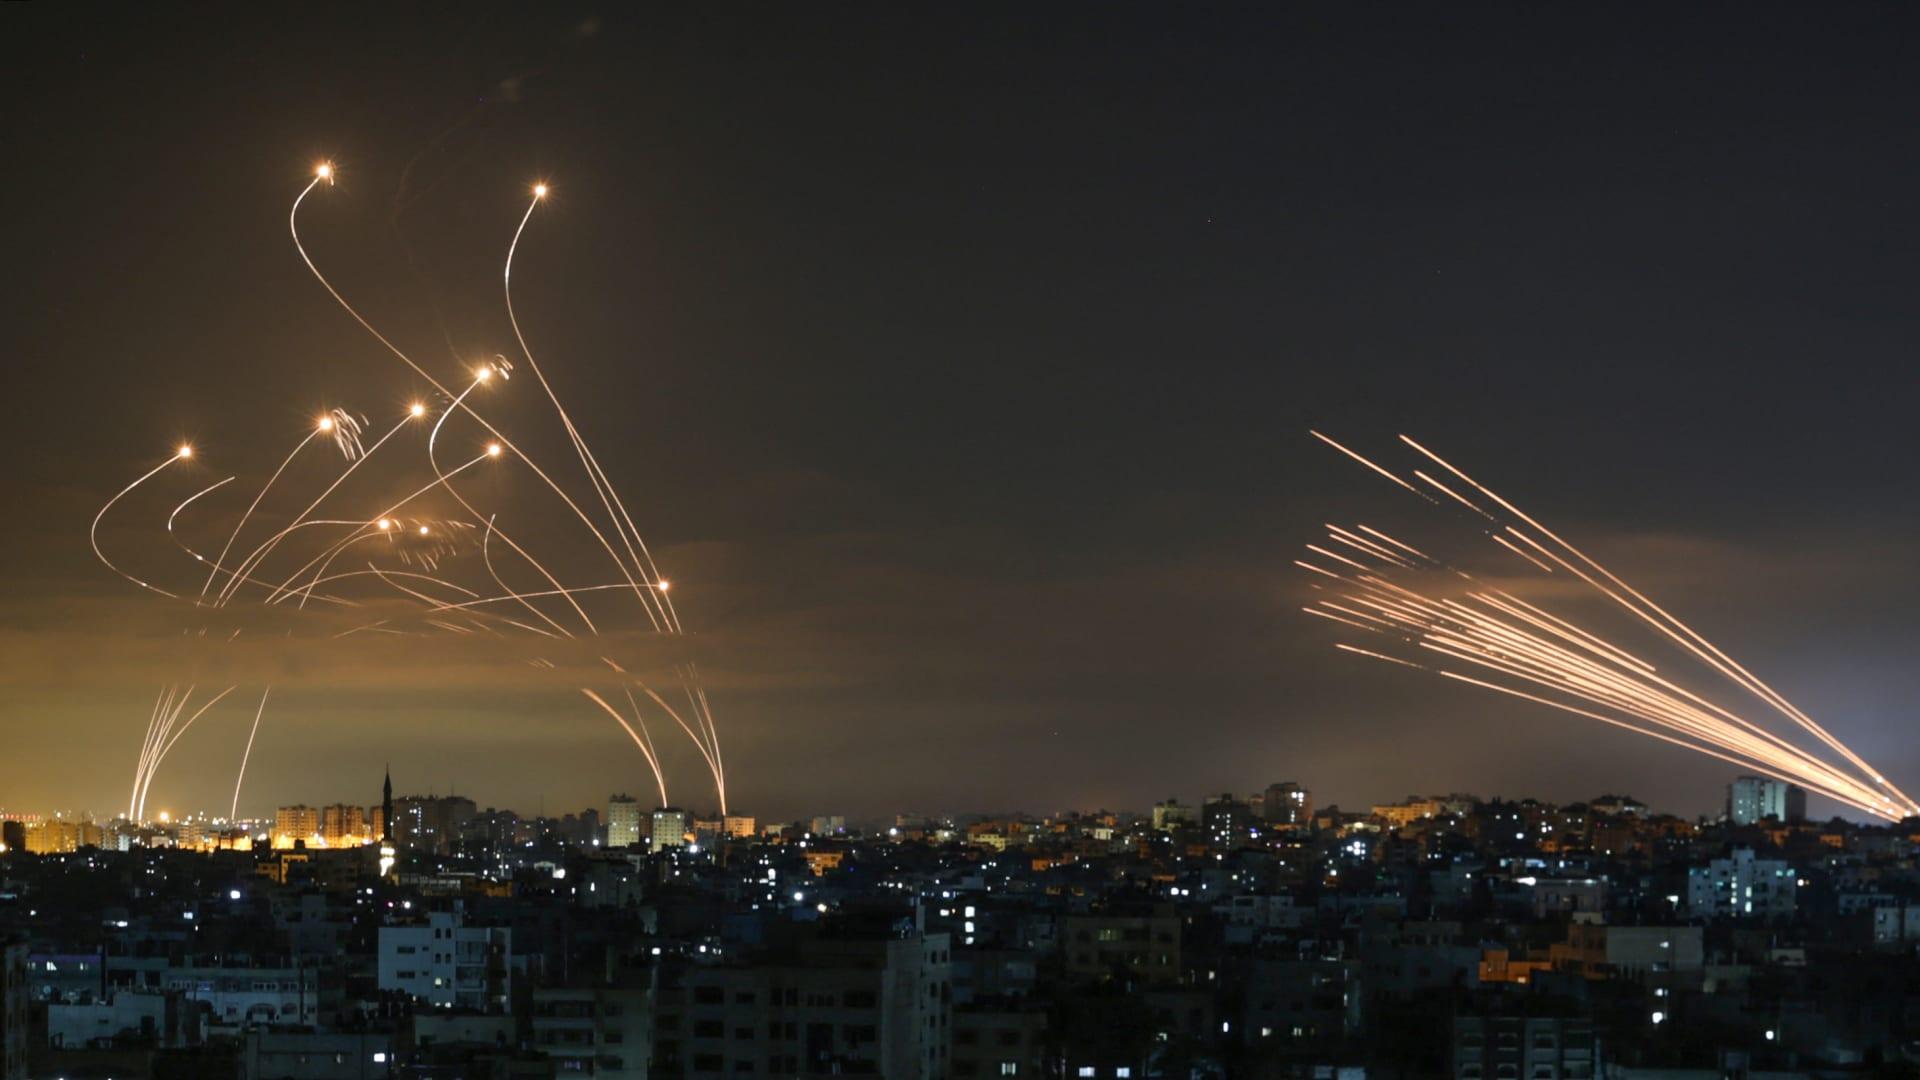 لحظة اعتراض نظام القبة الحديدية صواريخ أطلقتها حركة حماس من بيت لاهيا في شمال قطاع غزة - 14 مايو 2021.